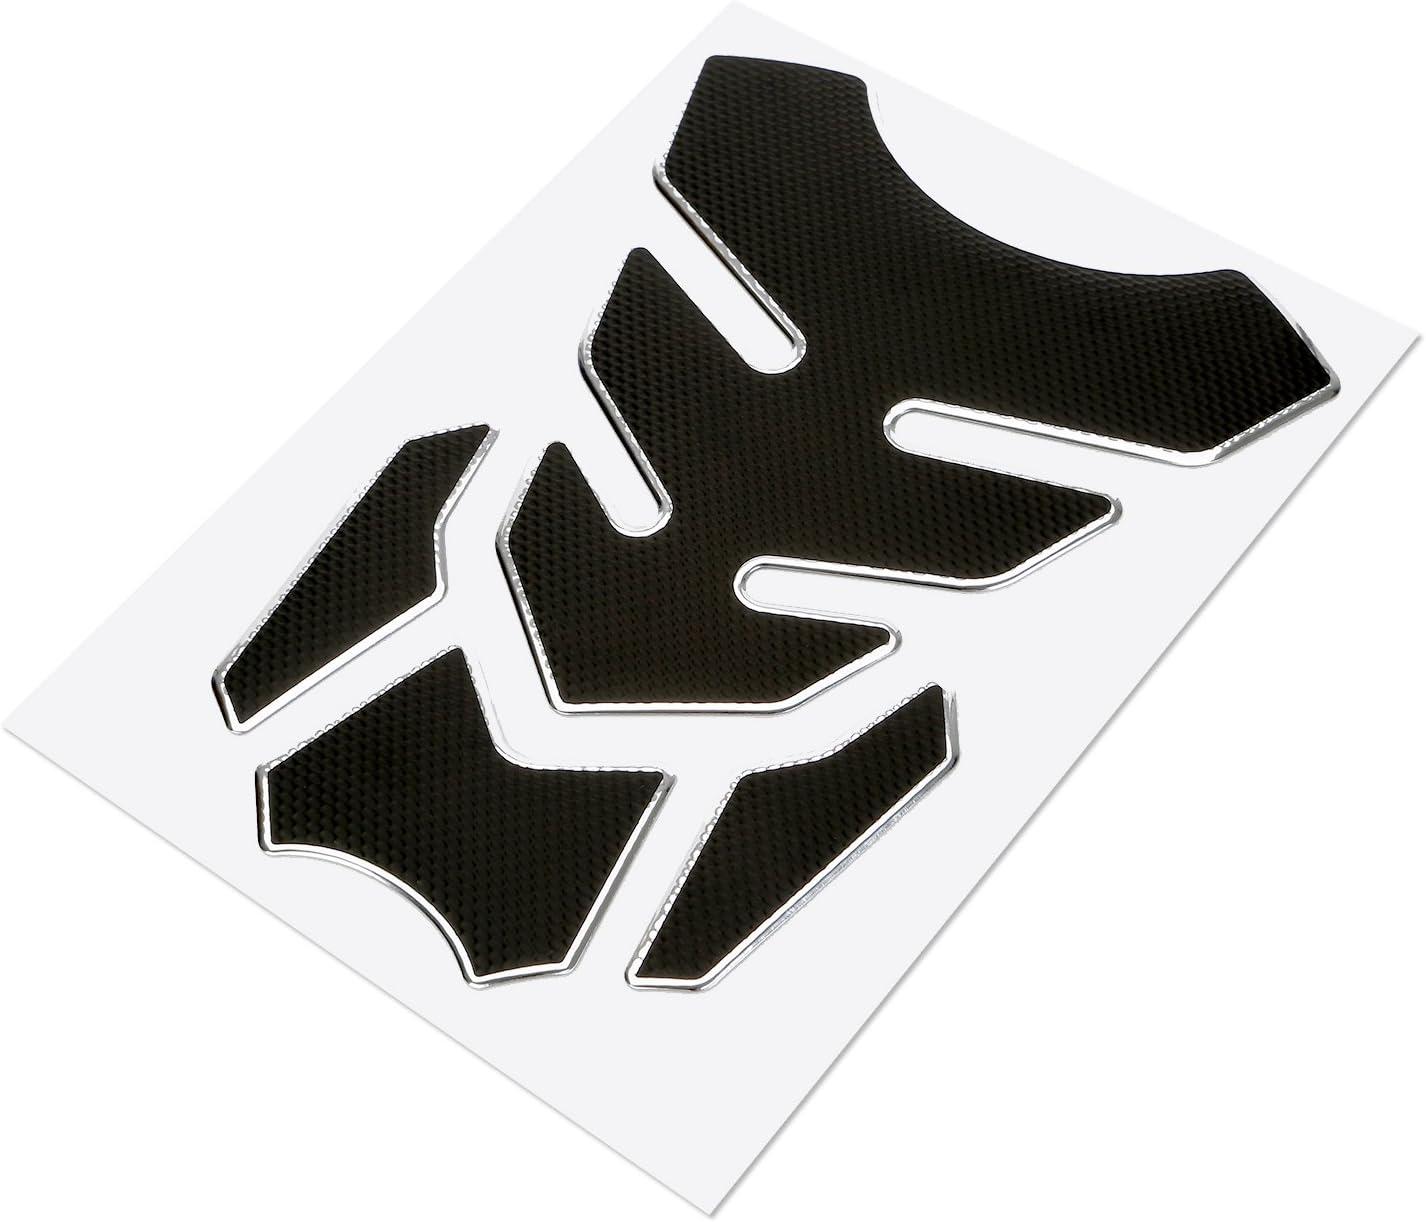 toppe per gomiti per cucire accessori per abbigliamento ASHATA 1Pack riparazione ovale in pelle PU patch patch nero, grigio chiaro, blu scuro, marrone, marrone scuro